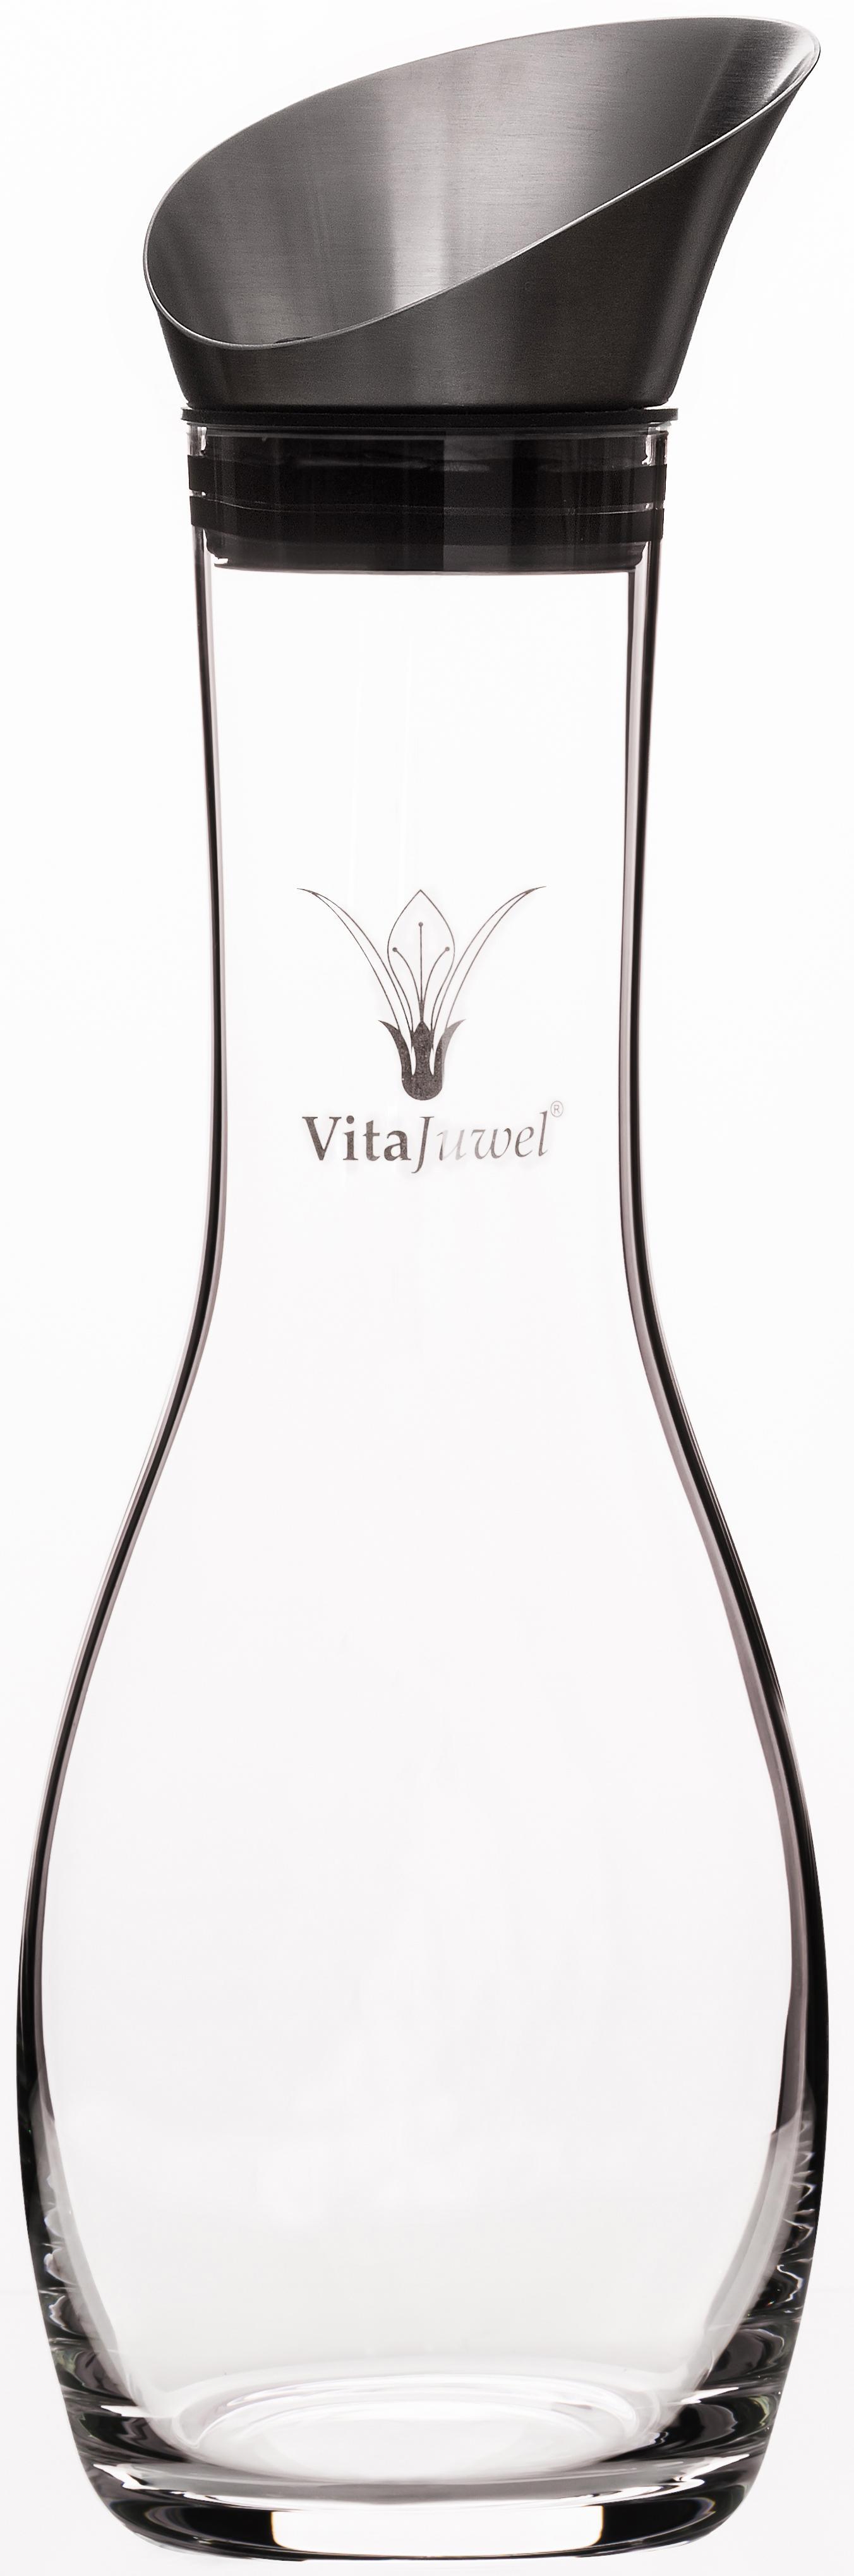 VitaJuwel Karaffe, 1,3 Liter farblos Karaffen Gläser Glaswaren Haushaltswaren Karaffe